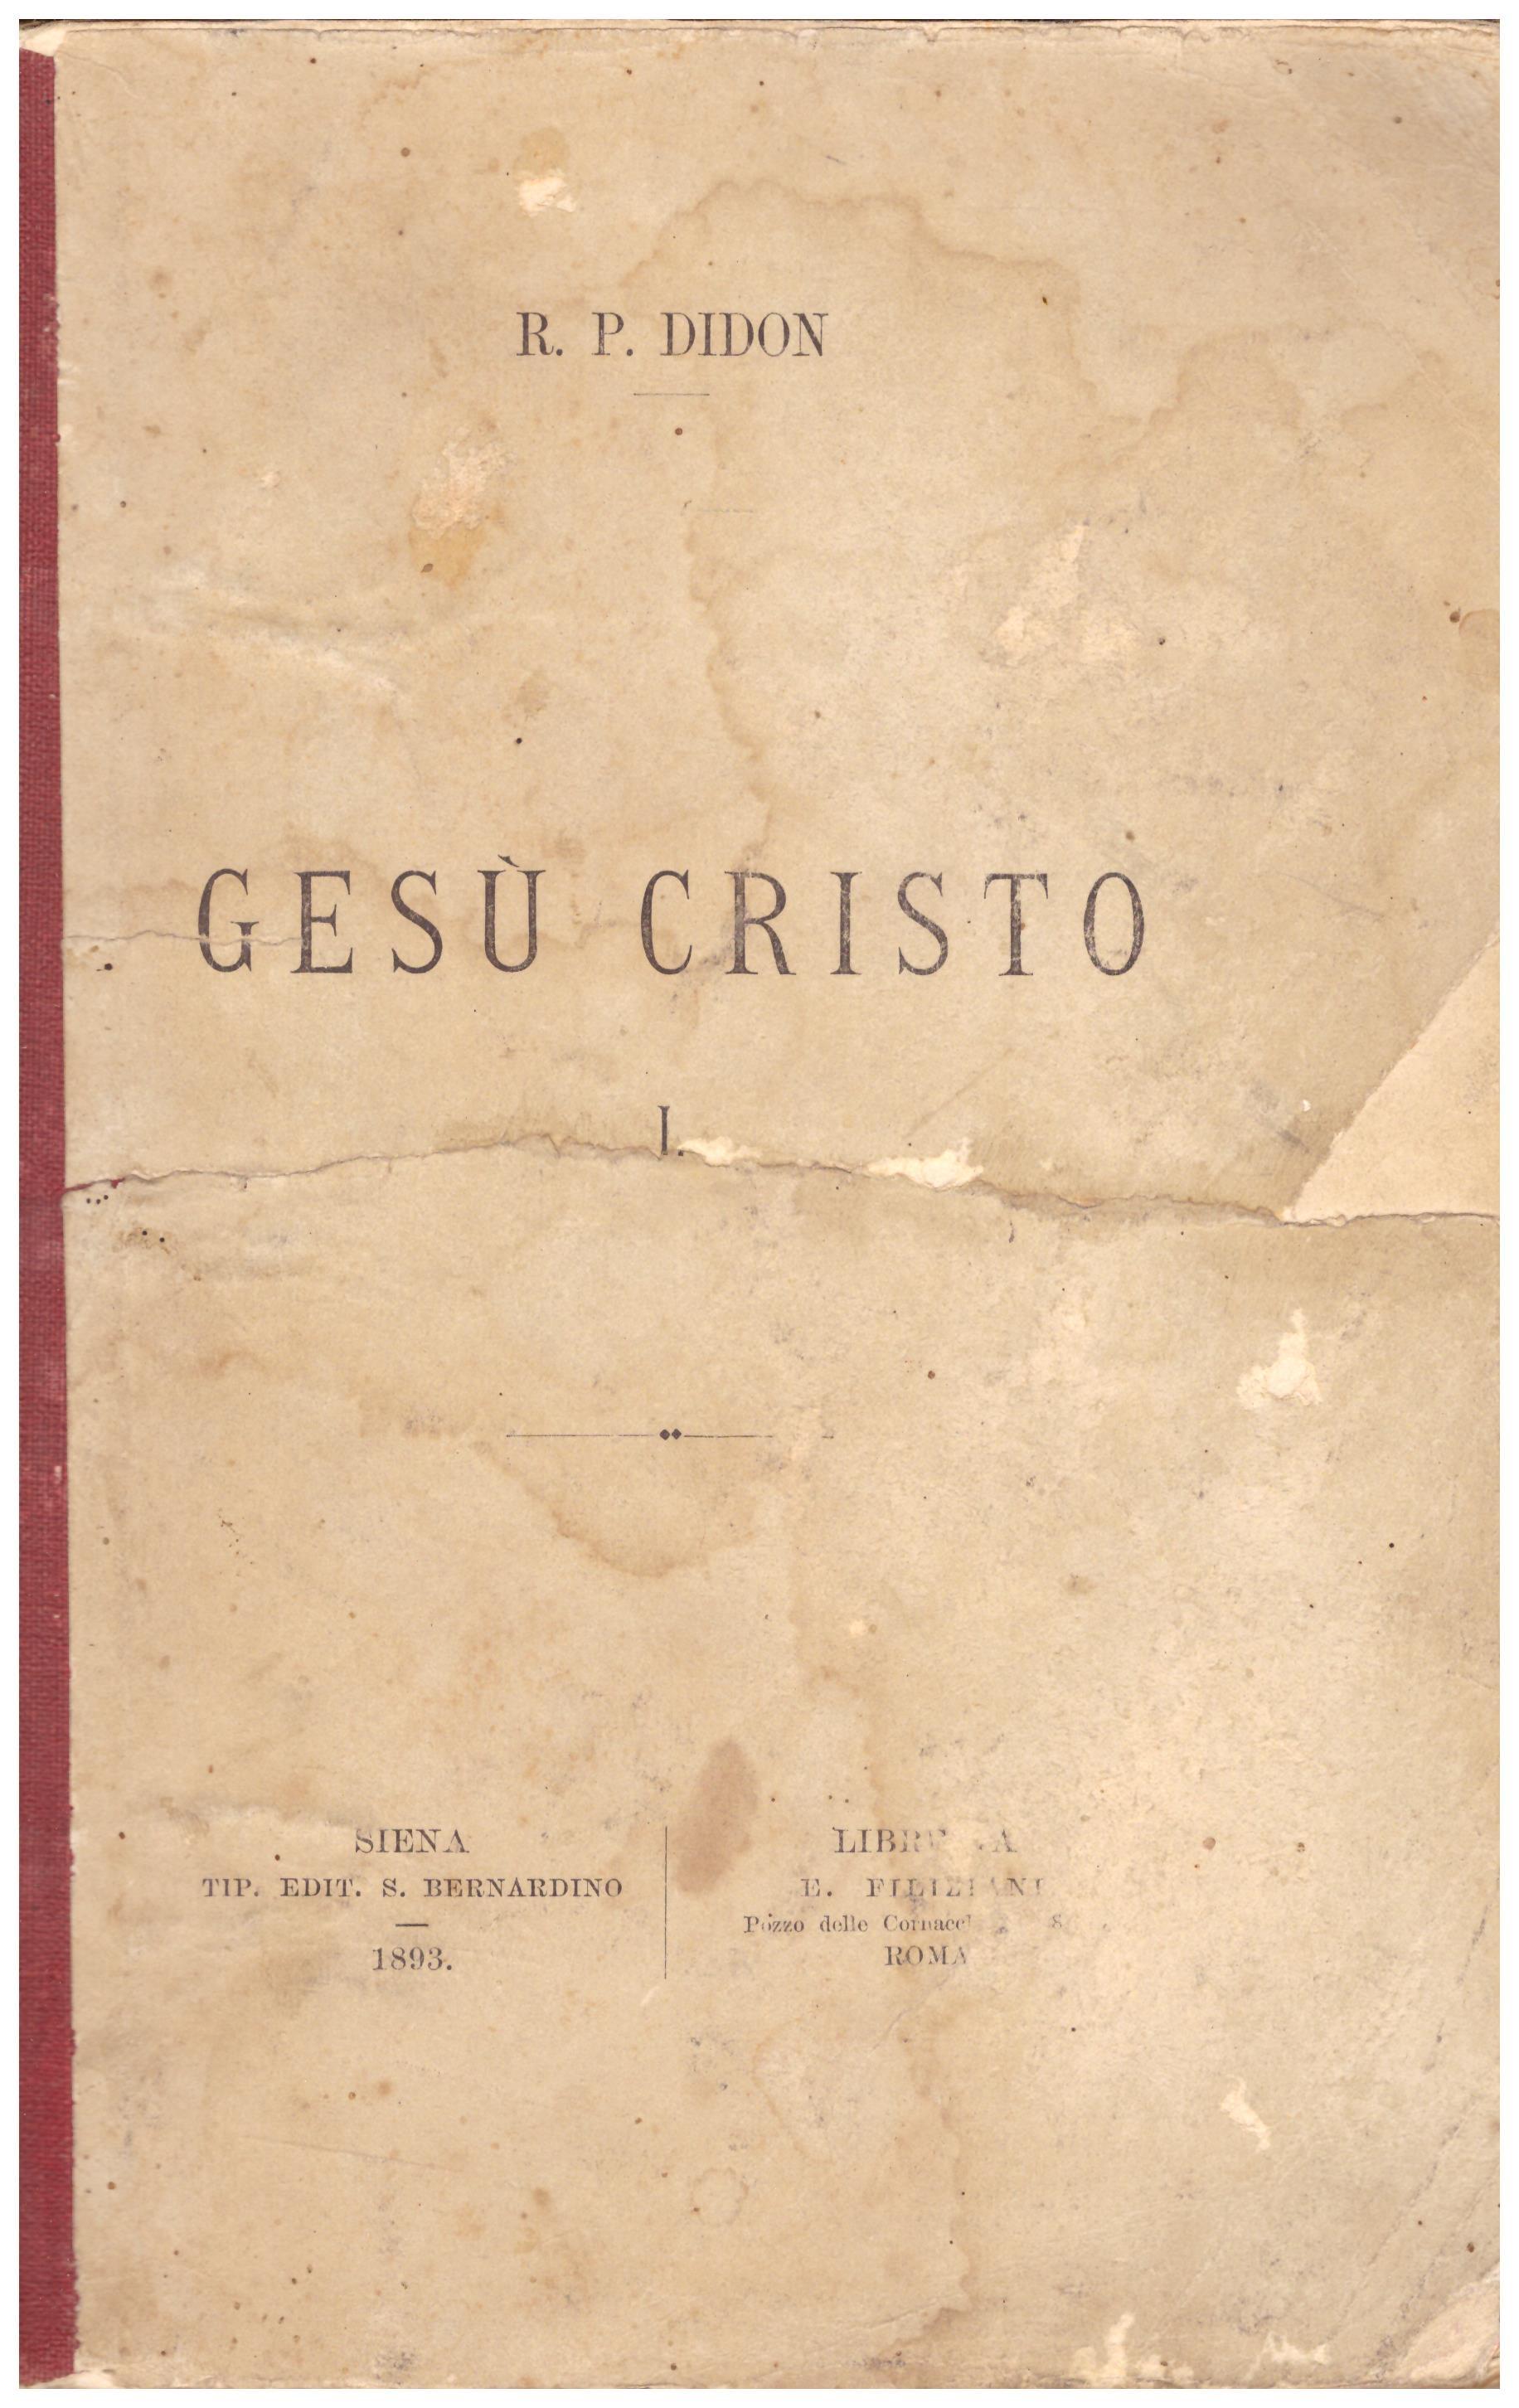 Titolo: Gesù Cristo, in 2 volumi  Autore : R. P. Didon, traduzione di Manfredo Tarchi  Editore: tipografia editrice S. Bernardino, Siena 1893